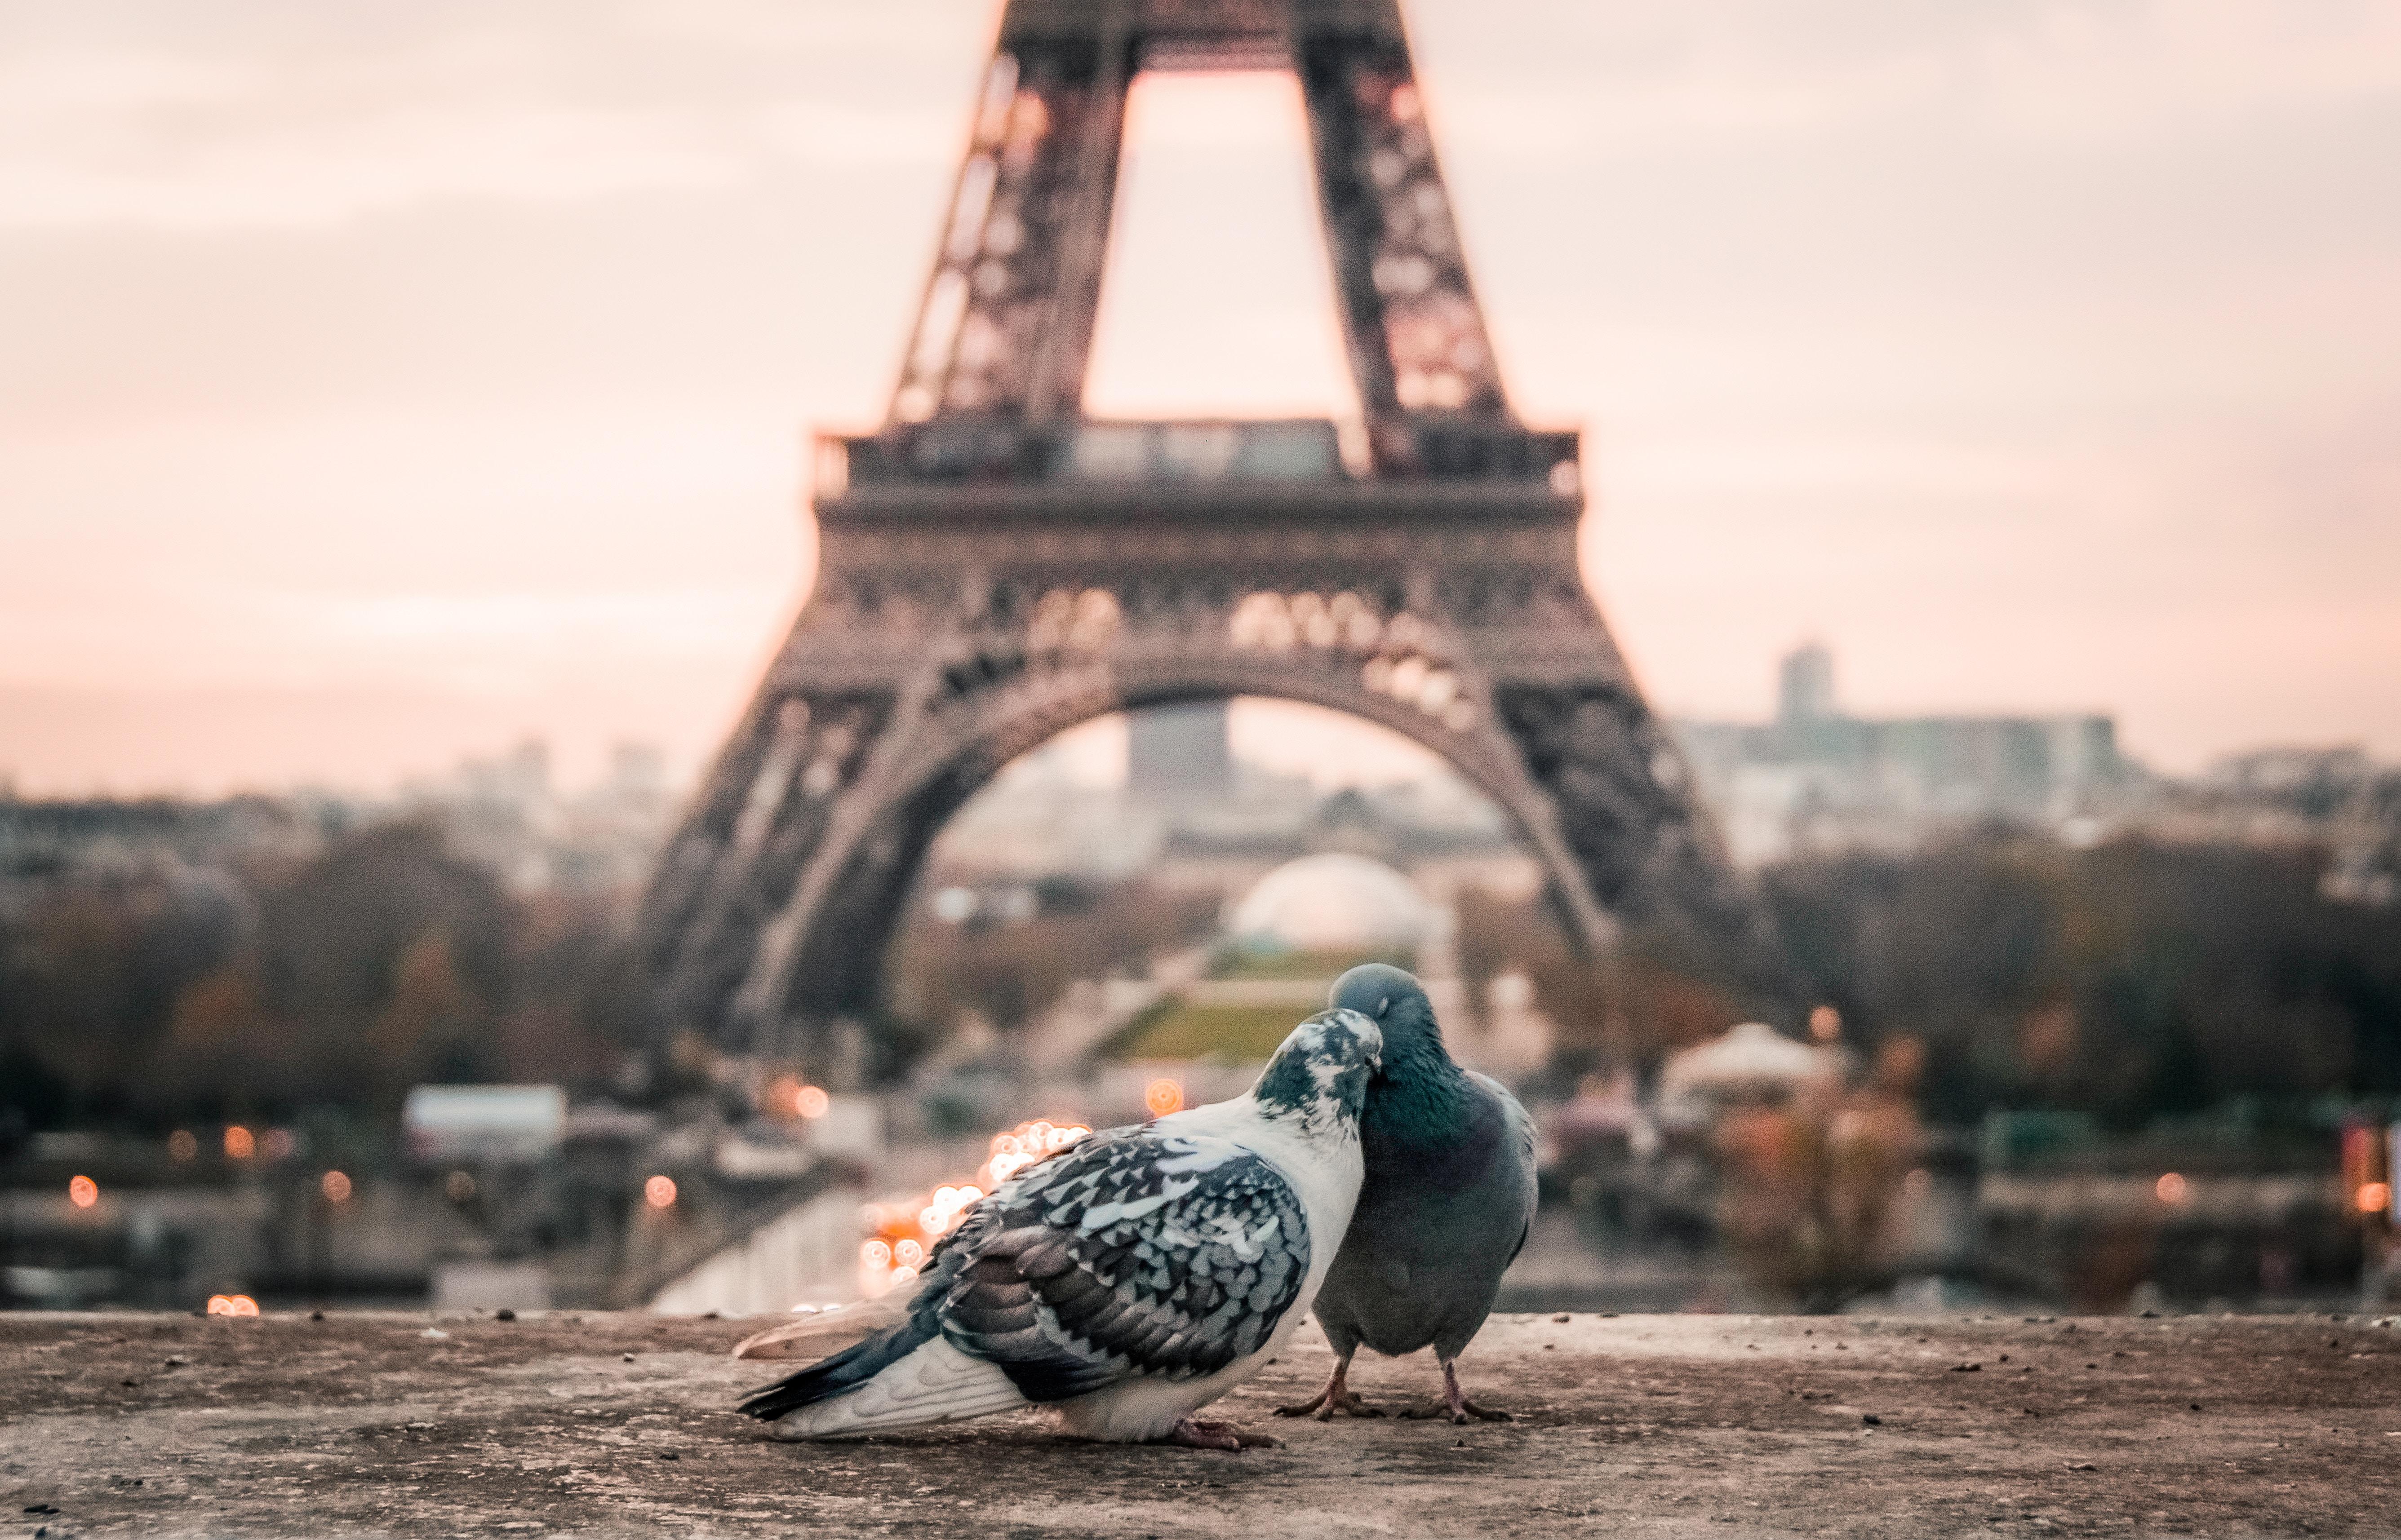 fabrizio verrecchia 195644 unsplash.jpg - Des images magnifiques: Un coup de foudre à Paris